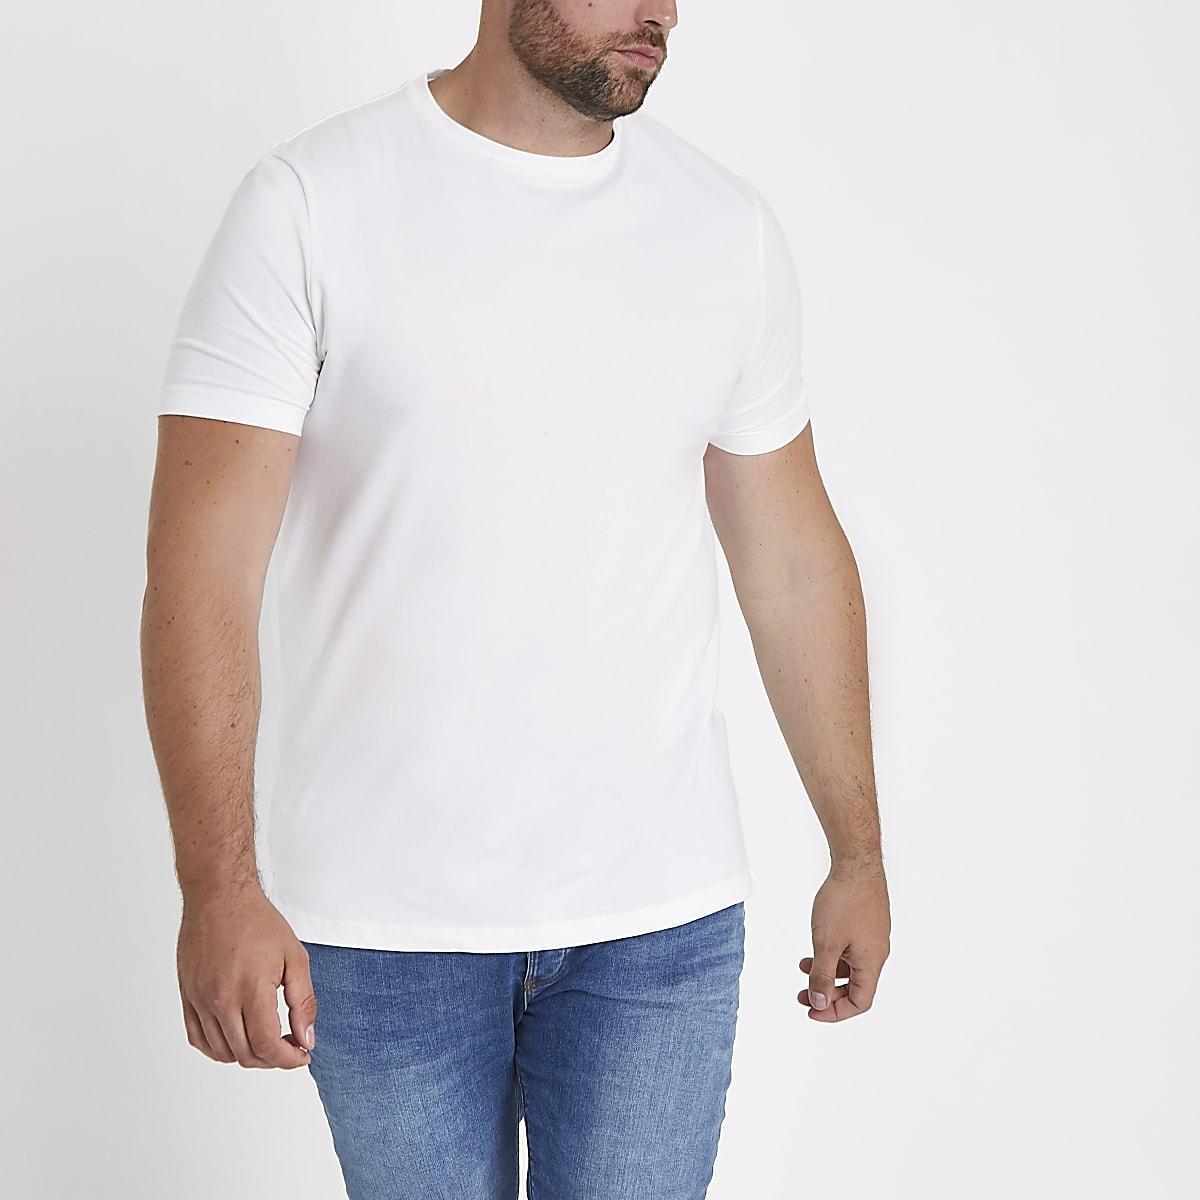 T-shirt Big & Tall blanc ajusté